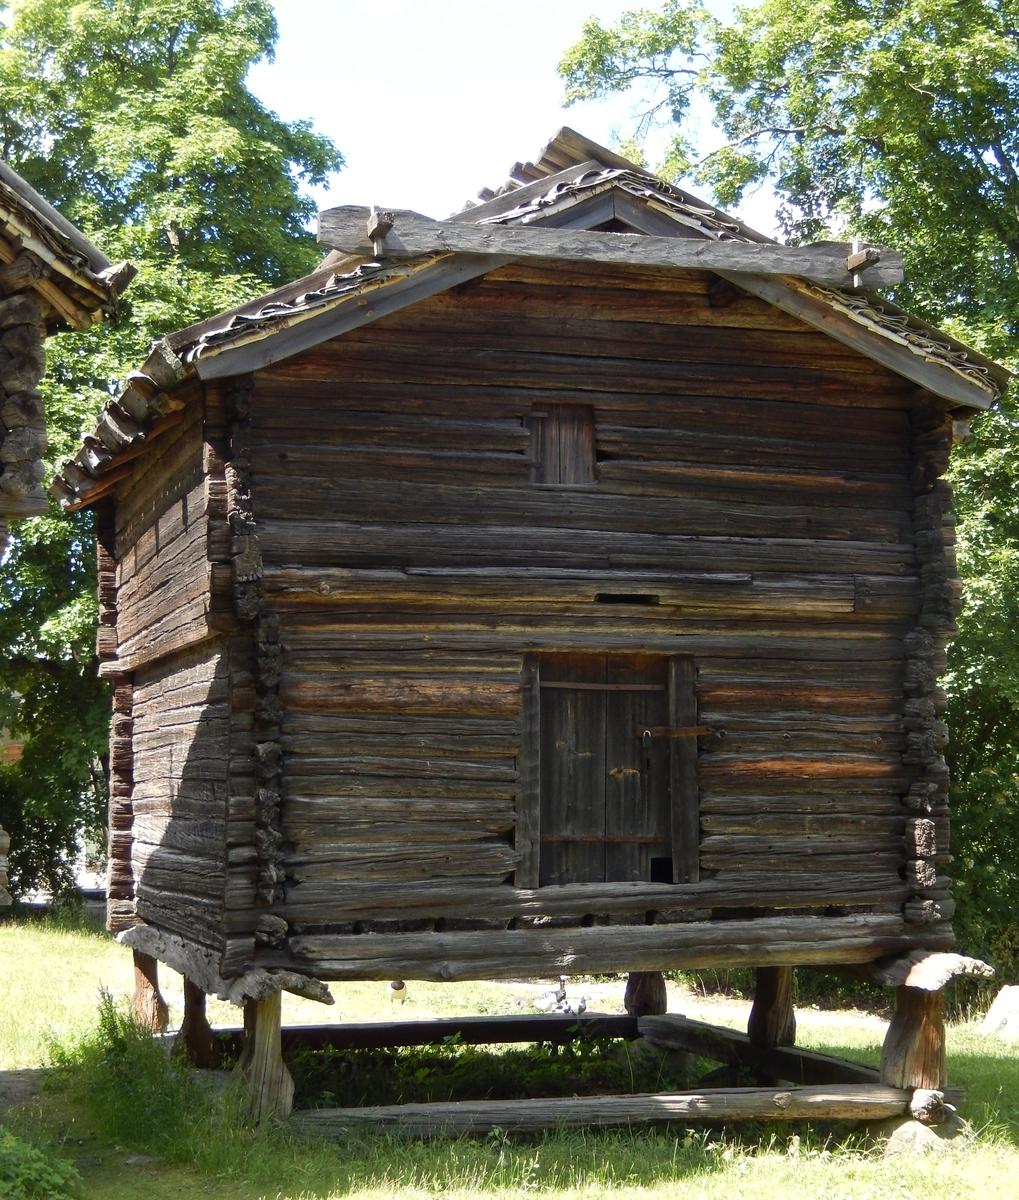 Det högra av de två timrade härbrena på Delsbogården är uppfört i två våningar, med utkragande övervåning, stående på stolpar och syllvarv. Taket är ett sadeltak, med tätskikt av näver samt takved. Byggnaden är troligen uppförd under 1700-talet.   Härbret kommer från Tjärnmyra by, Delsbo socken i Hälsingland. Det uppfördes på Skansen under åren 1939-1940.